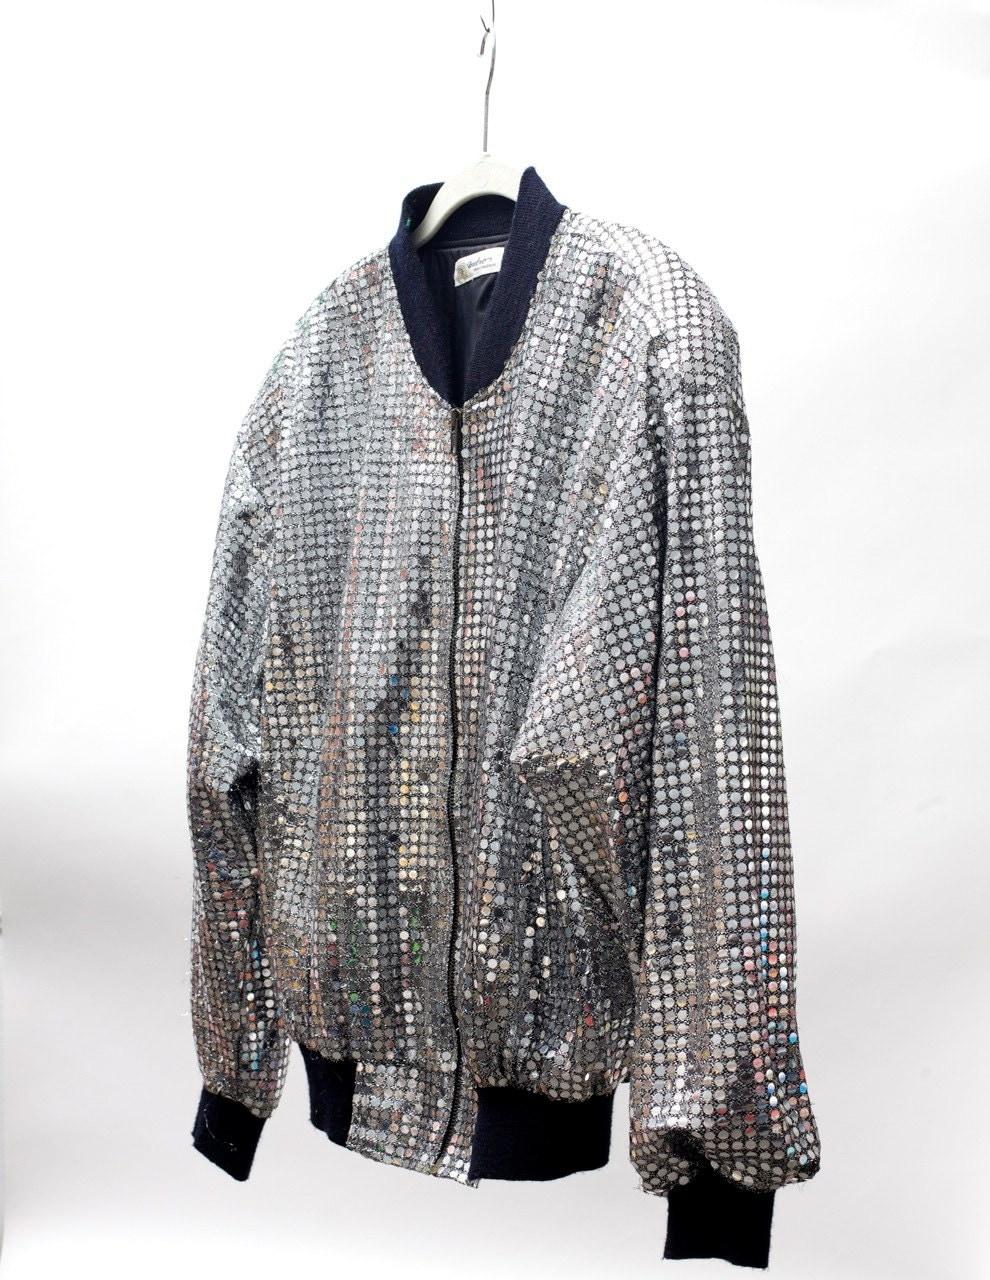 Silver Sequin Jacket vintage 90's Medium